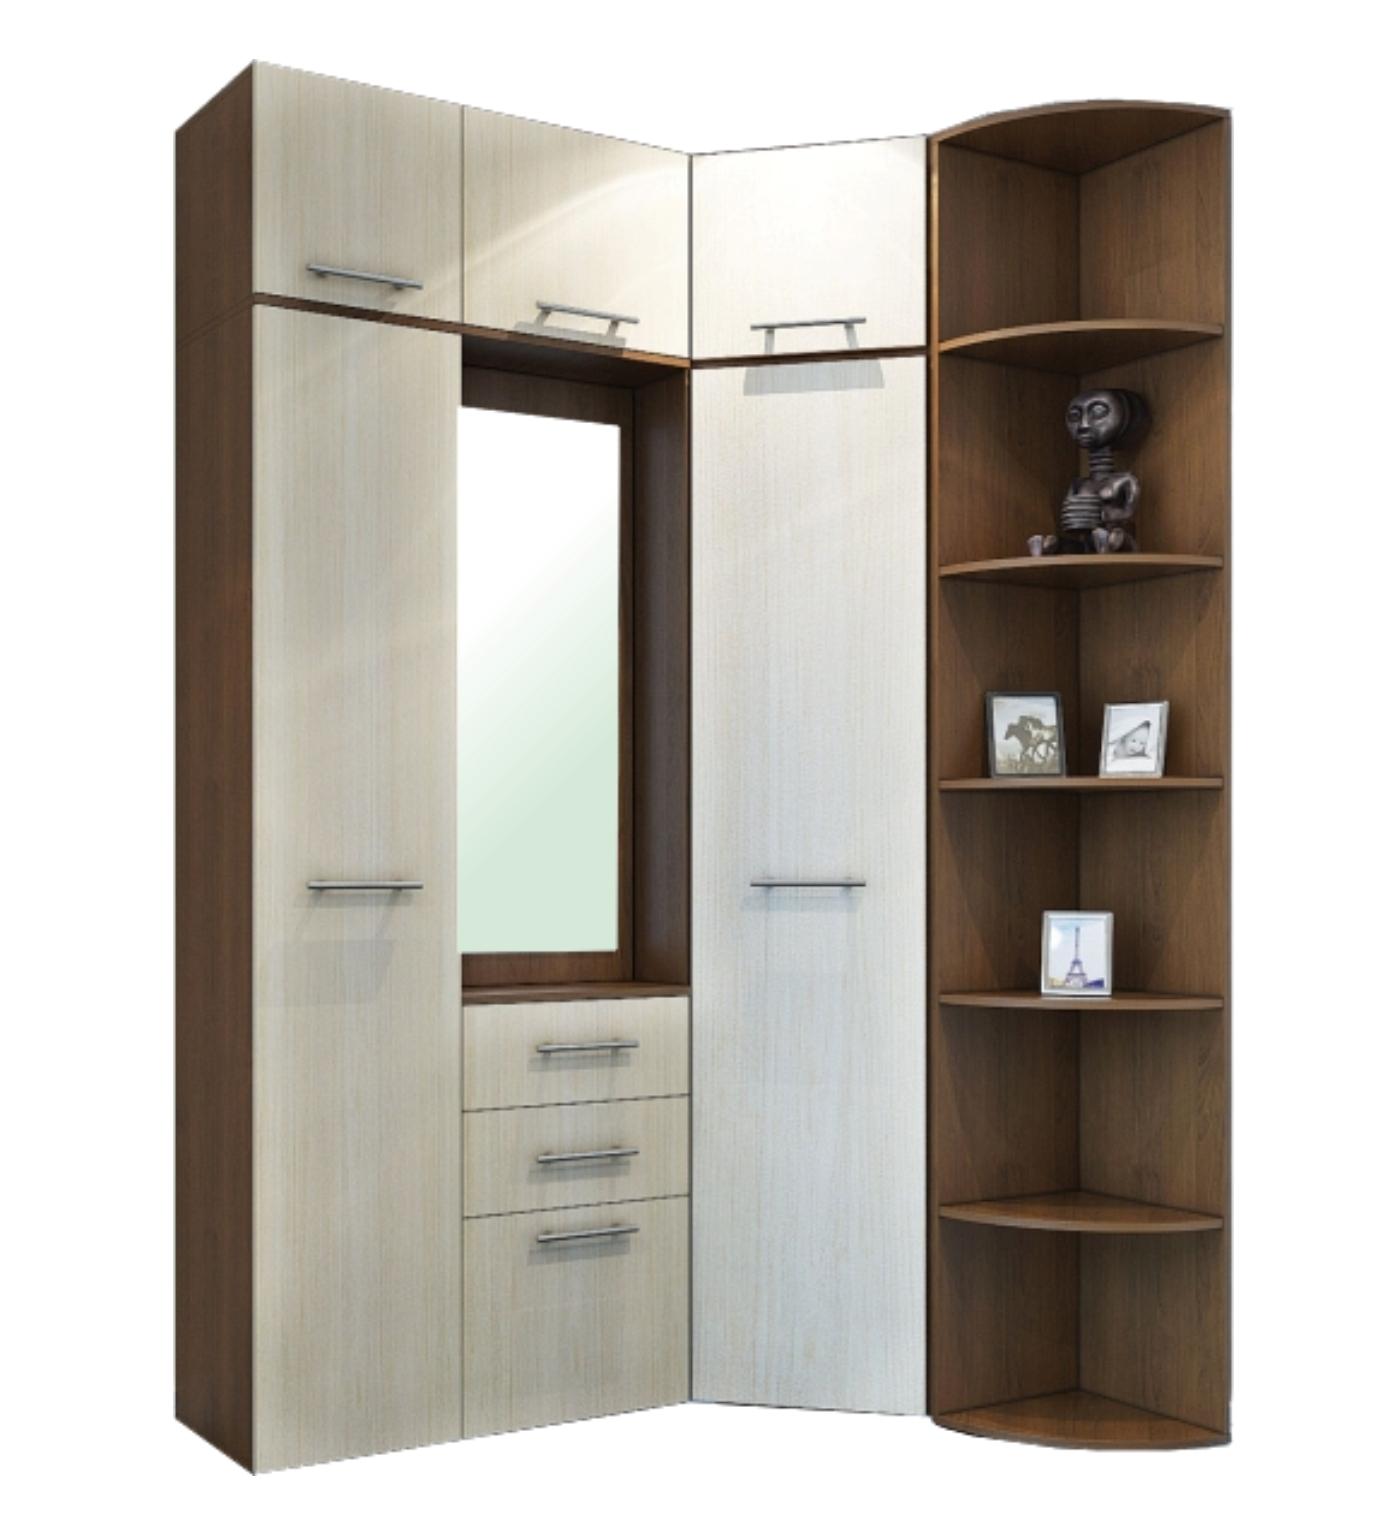 Прихожая КорнерПрихожие<br>Размер: 1550/1060х2400х380, ширина угл. шкафа по стене 680<br><br>Материалы: ЛДСП Kronospan - 16 мм., кромка ПВХ - 0,4 мм., зеркало<br>Полный размер: 1550/1060х2400х380, ширина угл. шкафа по стене 680<br>Наполнение шкафа: Угловой шкаф платьяной, пенал с полками<br>Примечание: Доставляется в разобранном виде<br>Изготовление и доставка: 10-14 дней<br>Условия доставки: Бесплатная по Москве до подъезда<br>Условие оплаты: Оплата наличными при получении товара<br>Доставка по МО (за пределами МКАД): 30 руб./км<br>Доставка в пределах ТТК: Строго после 22:00 (центр Москвы)<br>Подъем на грузовом лифте: 700 руб.<br>Подъем без лифта: 350 руб./этаж<br>Сборка: 10% от стоимости изделия, но не менее 1,000 руб.<br>Гарантия: 12 месяцев<br>Производство: Россия<br>Производитель: Grey